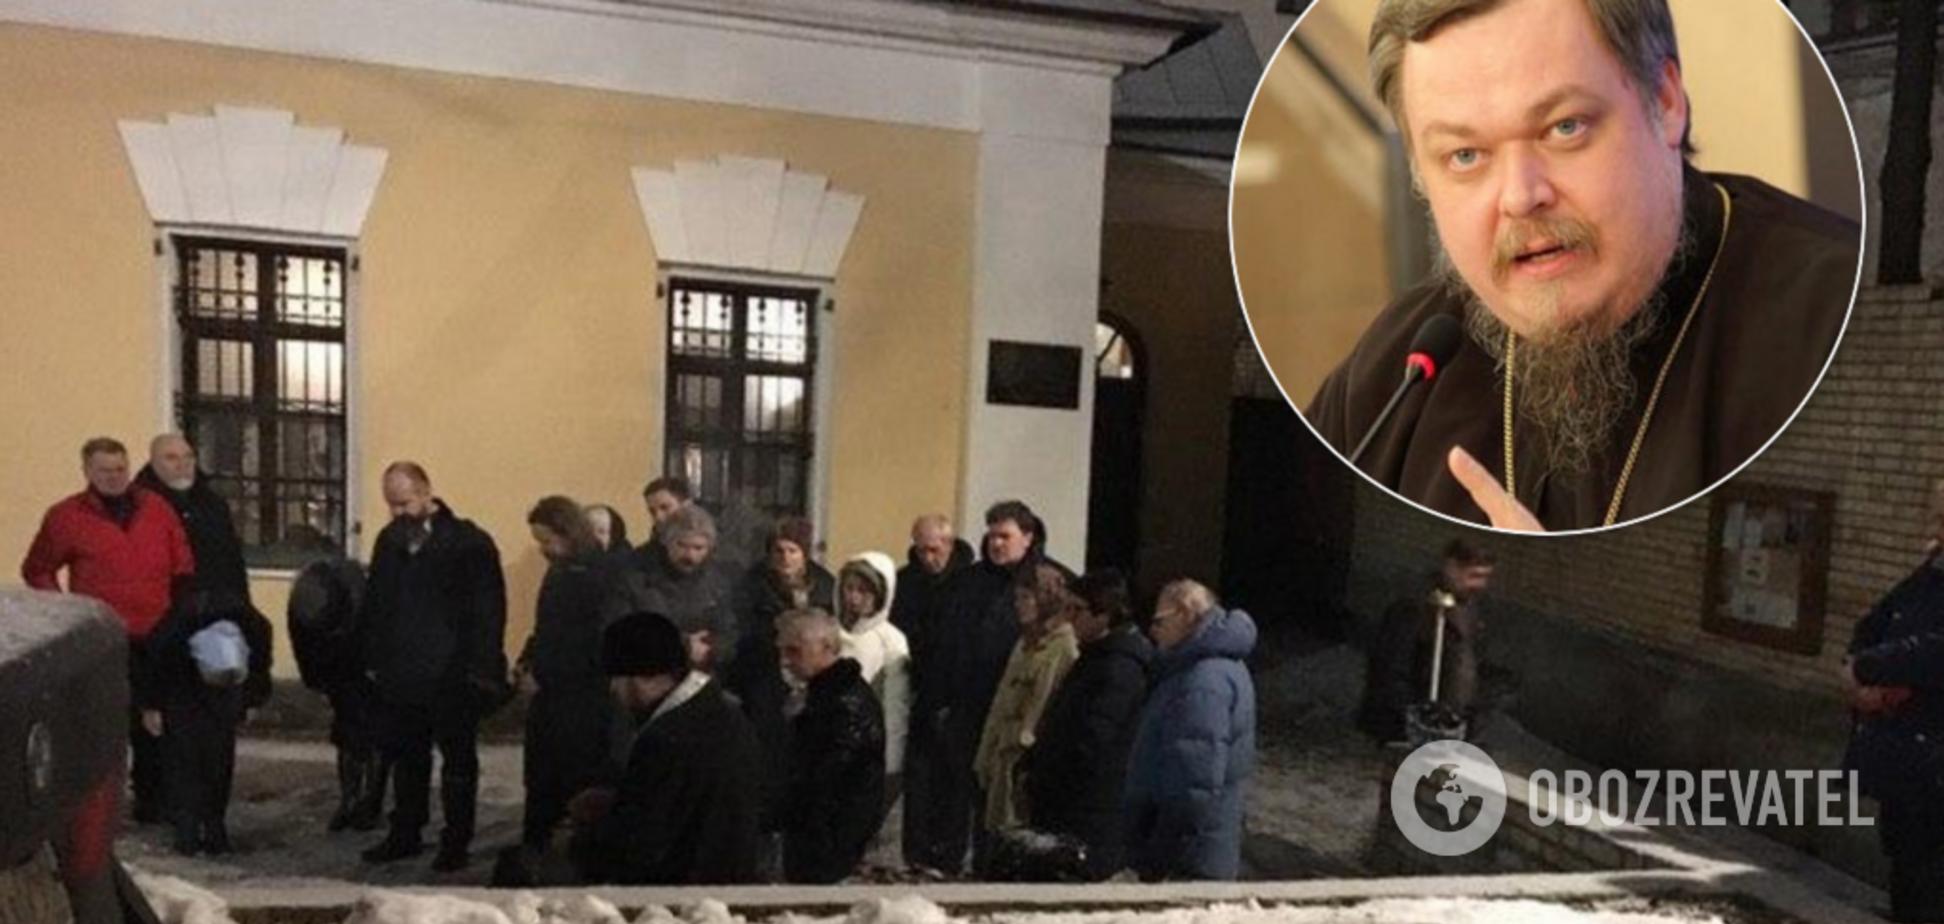 'Задихався, посинів і впав': як помер пропагандист РПЦ Чаплін, який ненавидів Україну